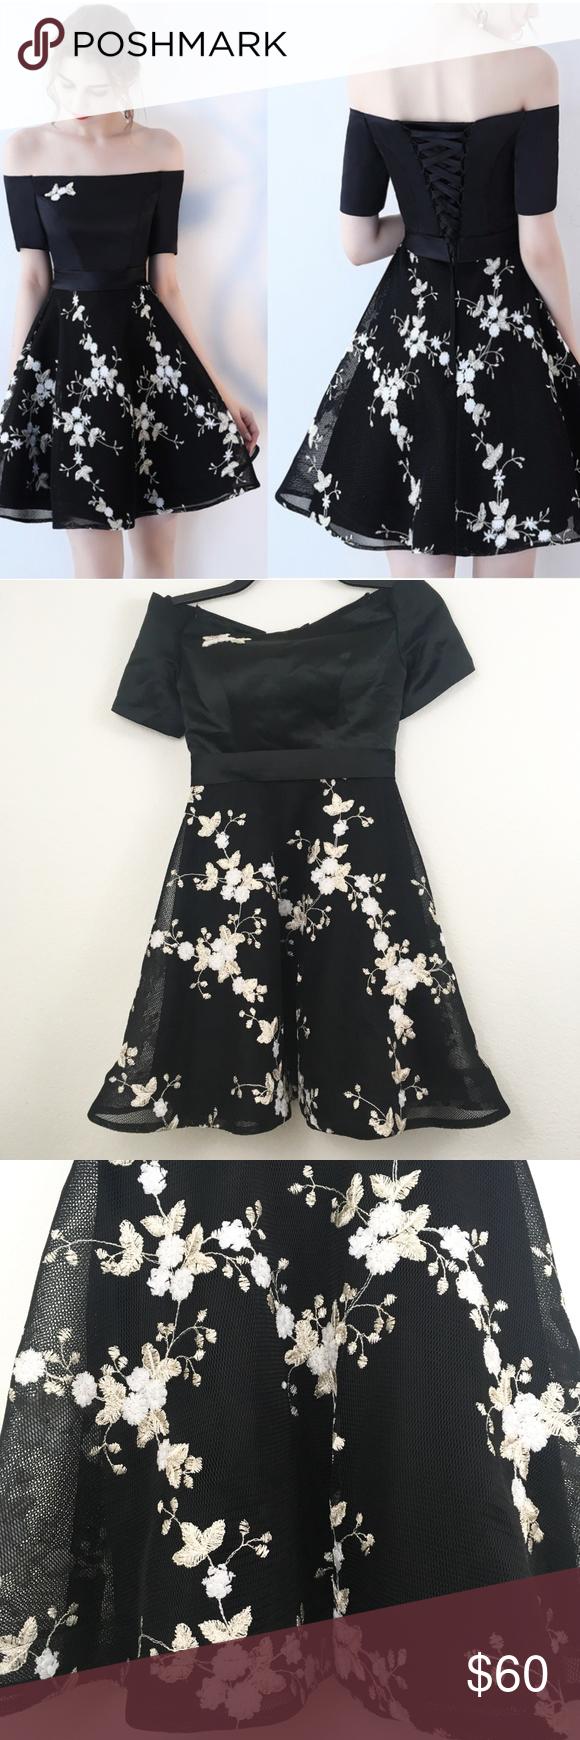 Metisu Off The Shoulder Embroider Floral Dress Xs Black Off The Shoulder Dress With White And Gold Embroidered Fl Floral Embroidered Dress Floral Dress Dresses [ 1740 x 580 Pixel ]